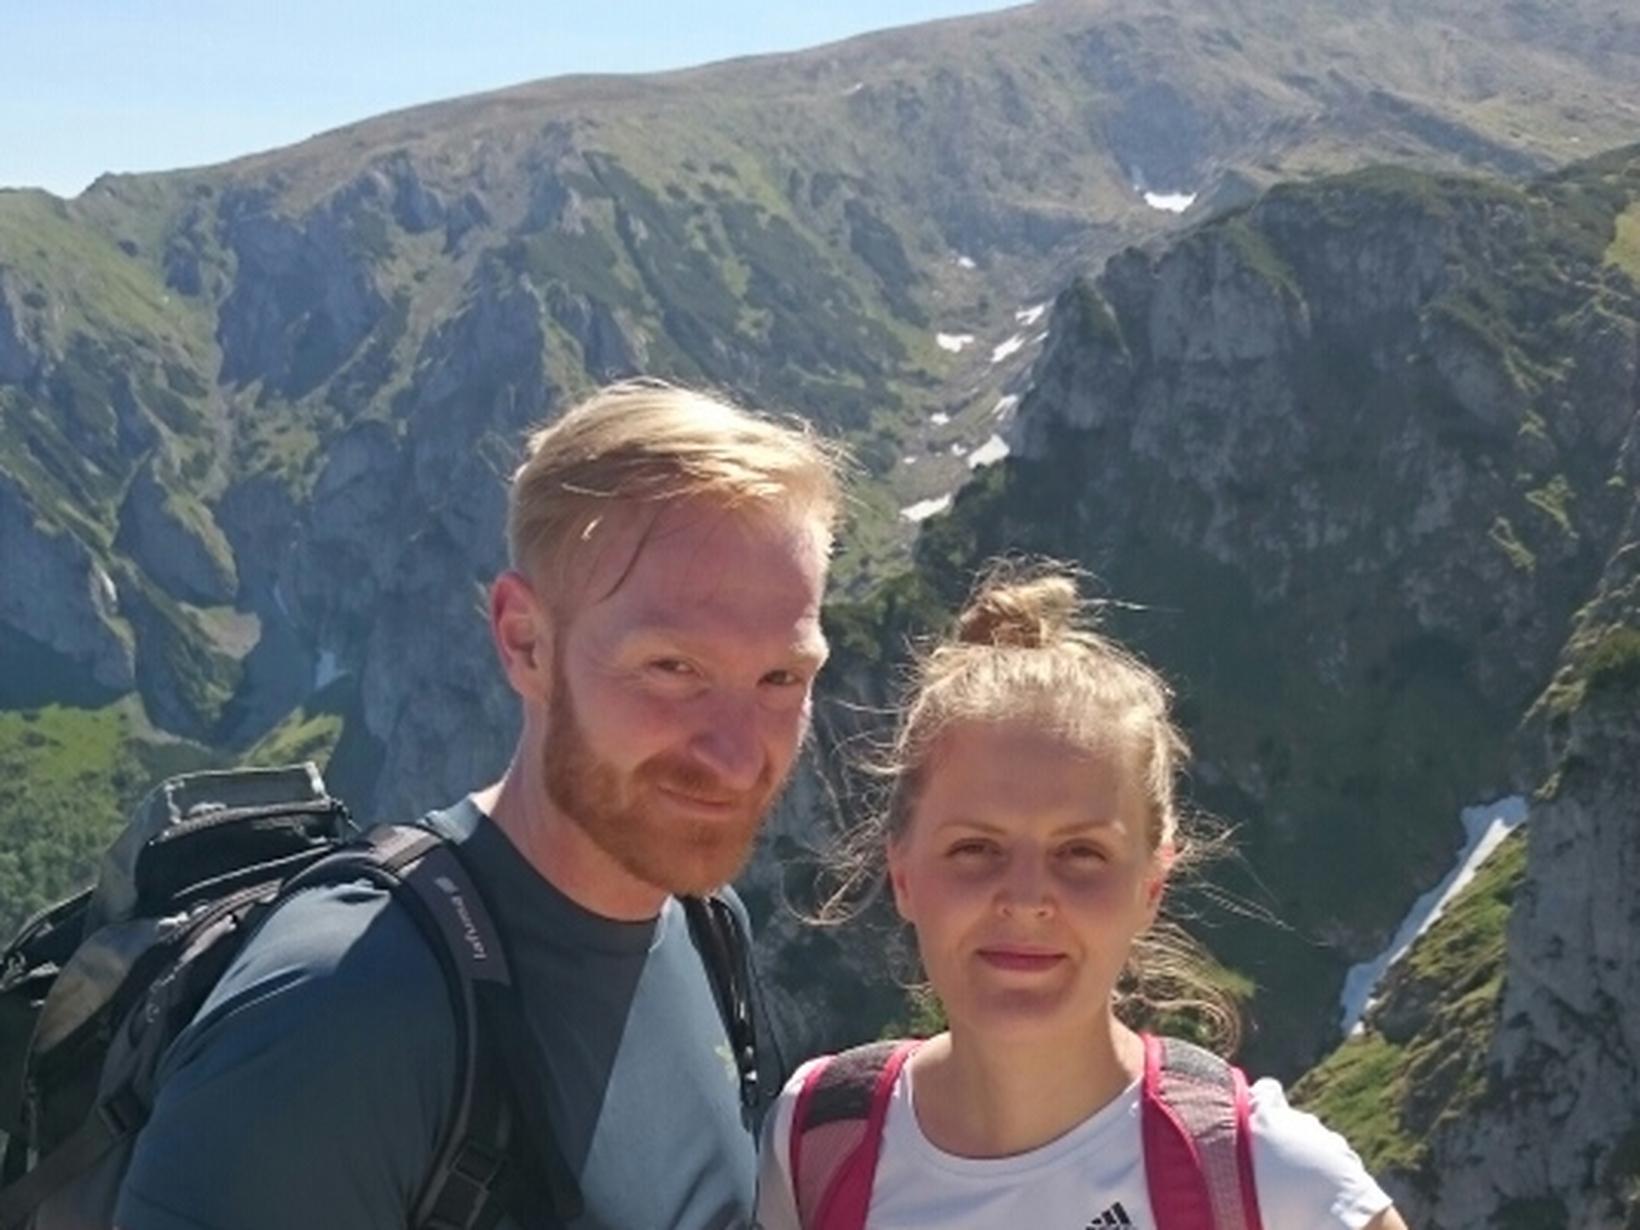 Barbara & Krzysztof from Warsaw, Poland